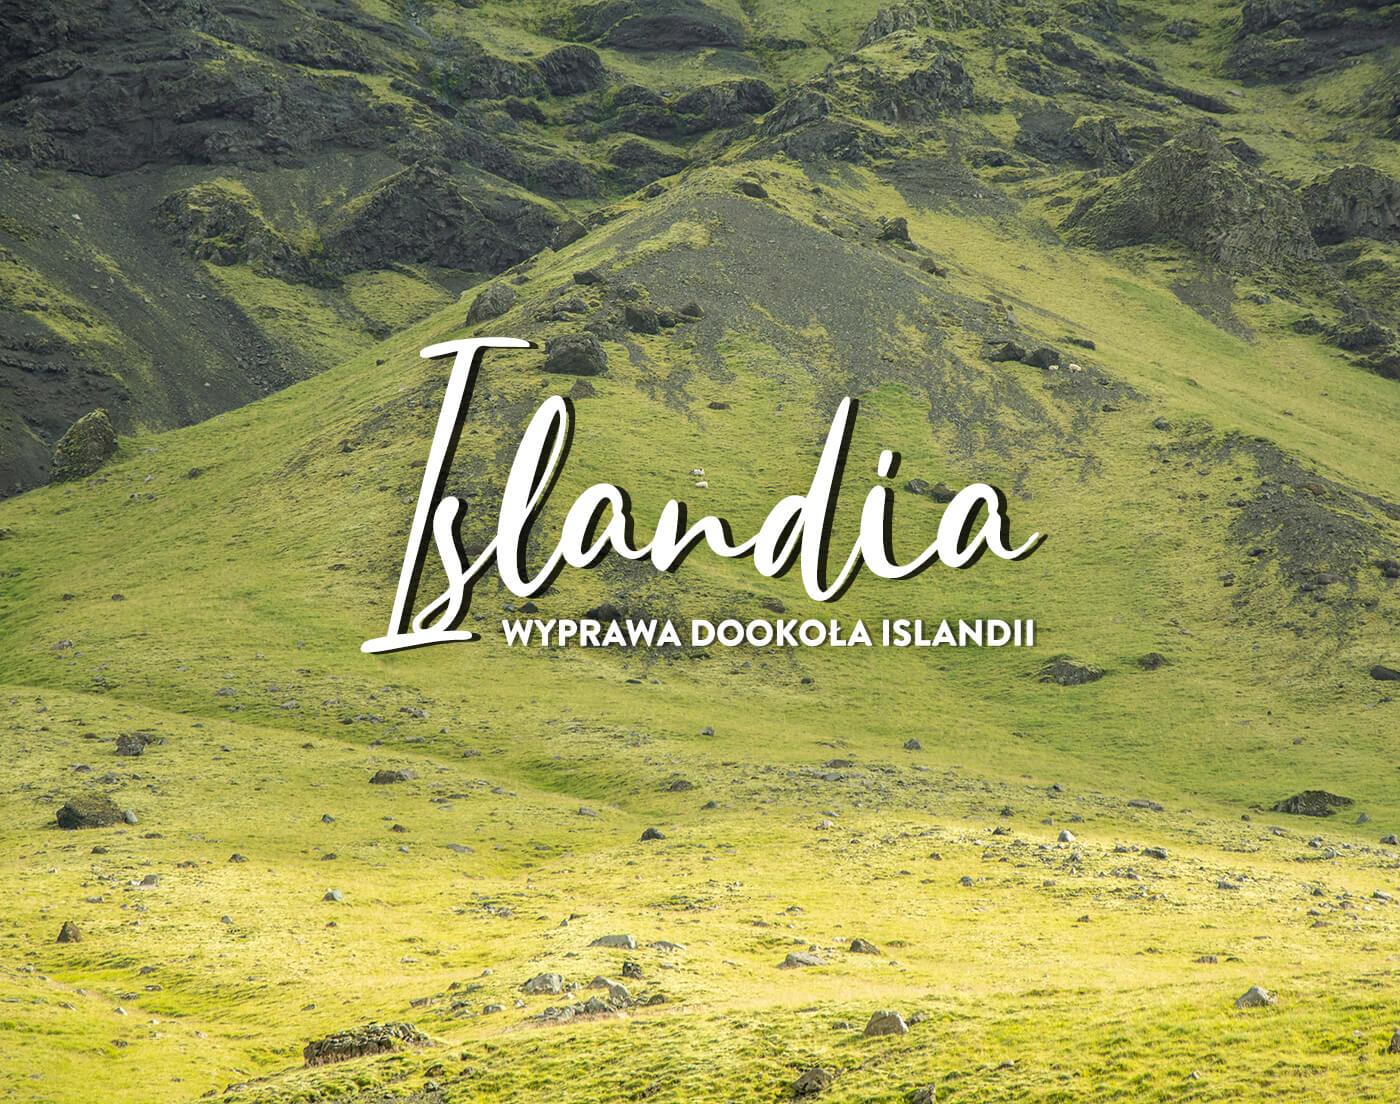 Wyprawa dookoła Islandii